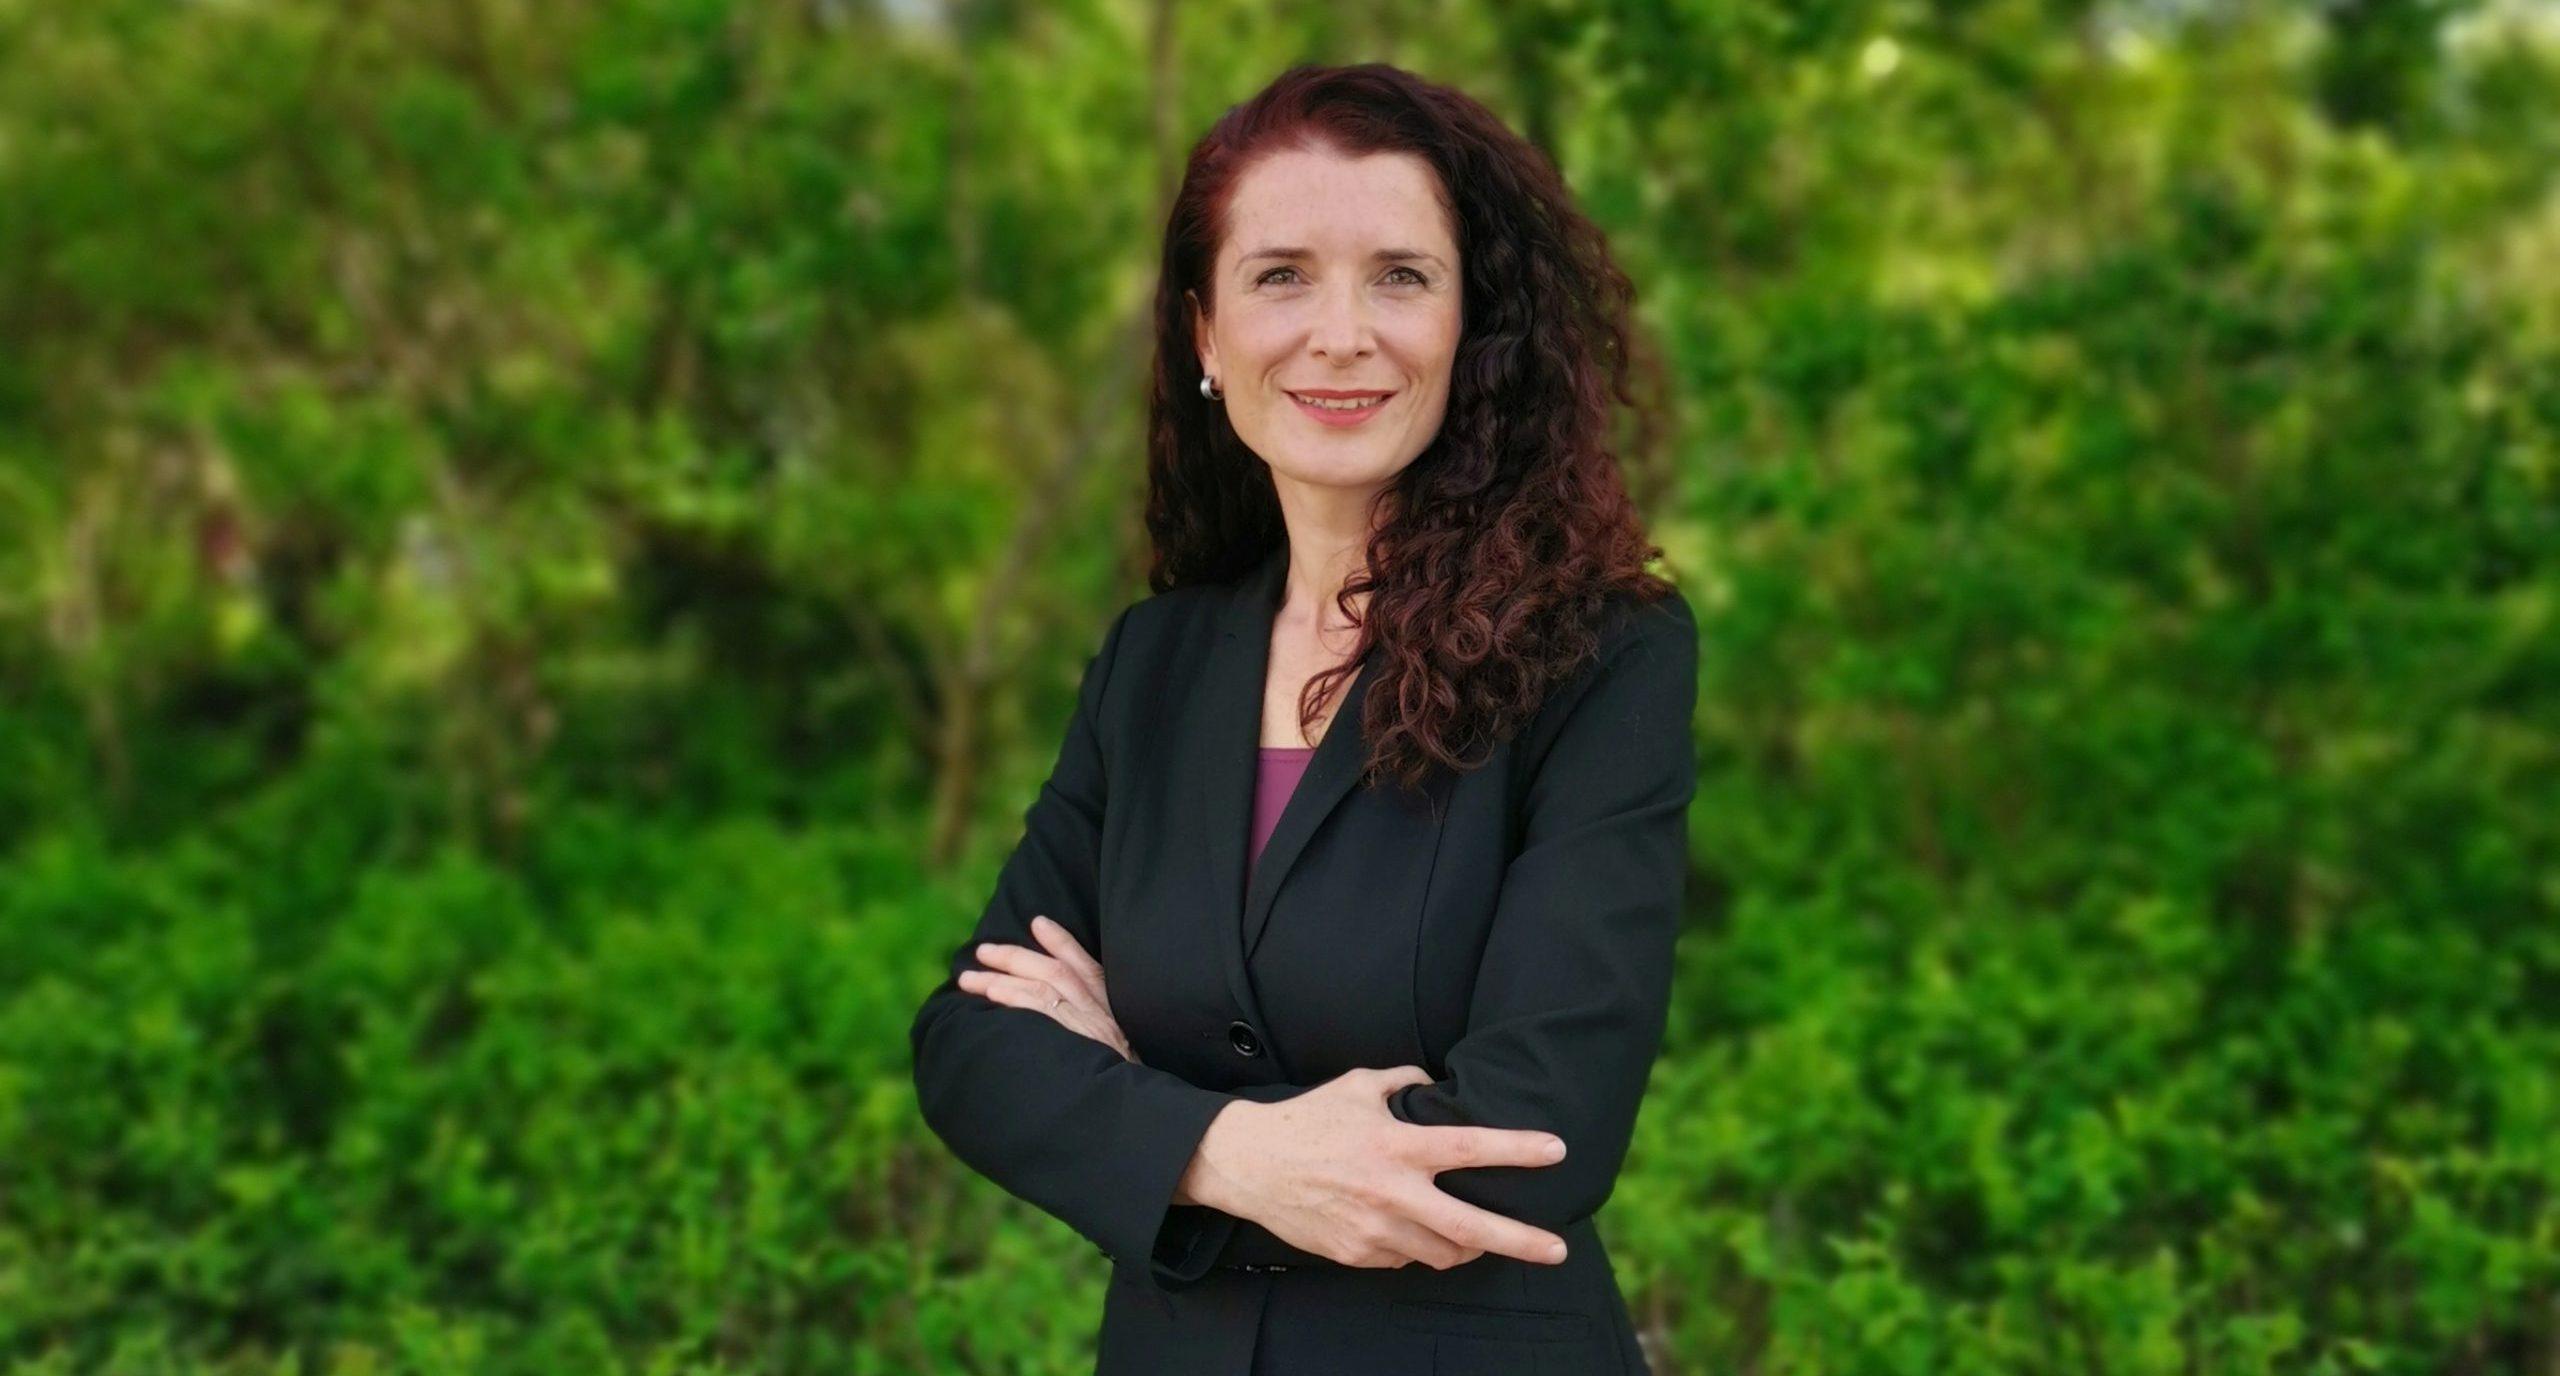 Karin Beese als GRÜNE Direktkandidatin gewählt